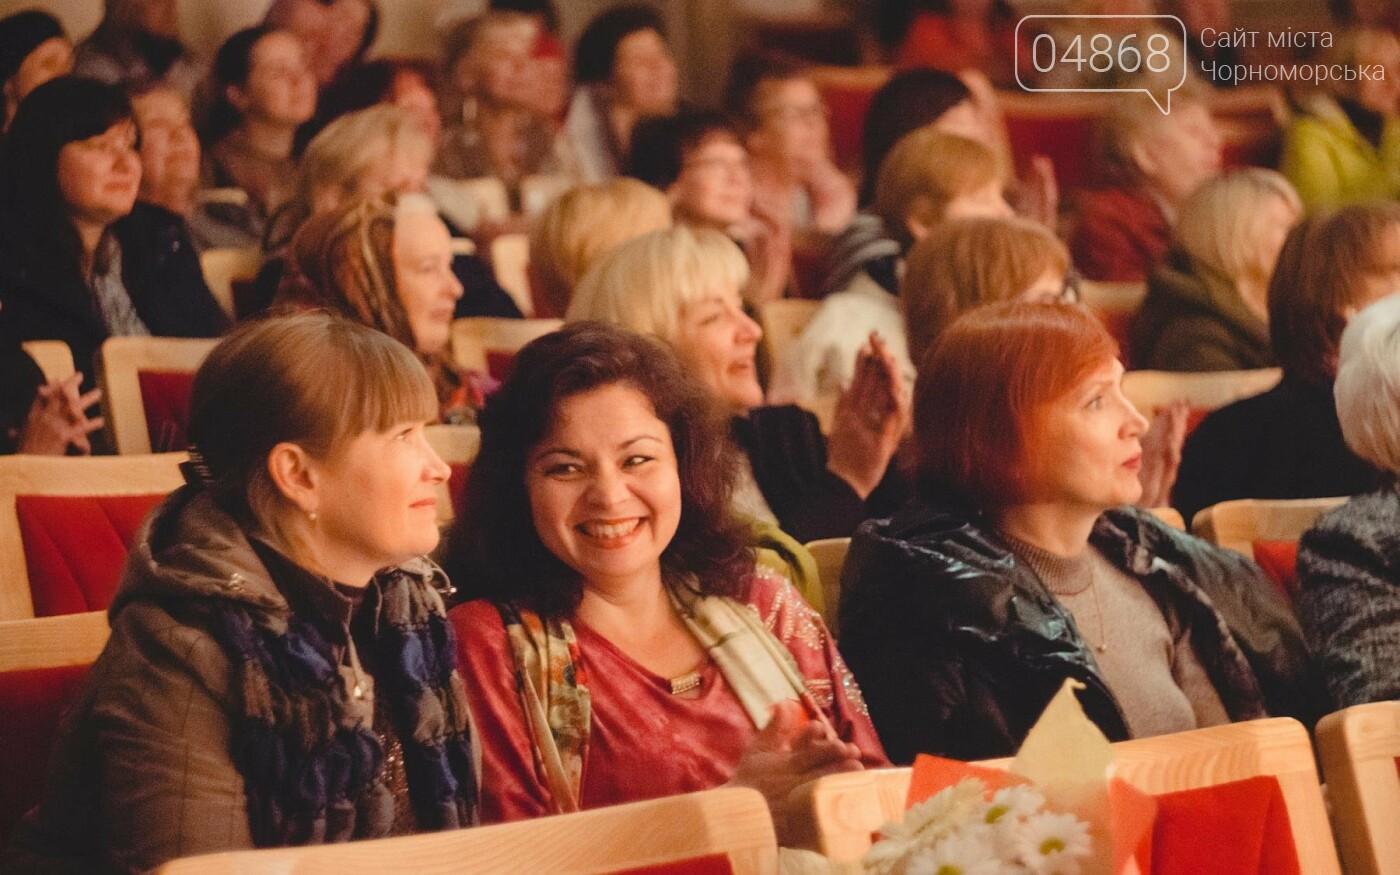 День работников культуры в Черноморске: феерично, ярко, талантливо! (фото), фото-4